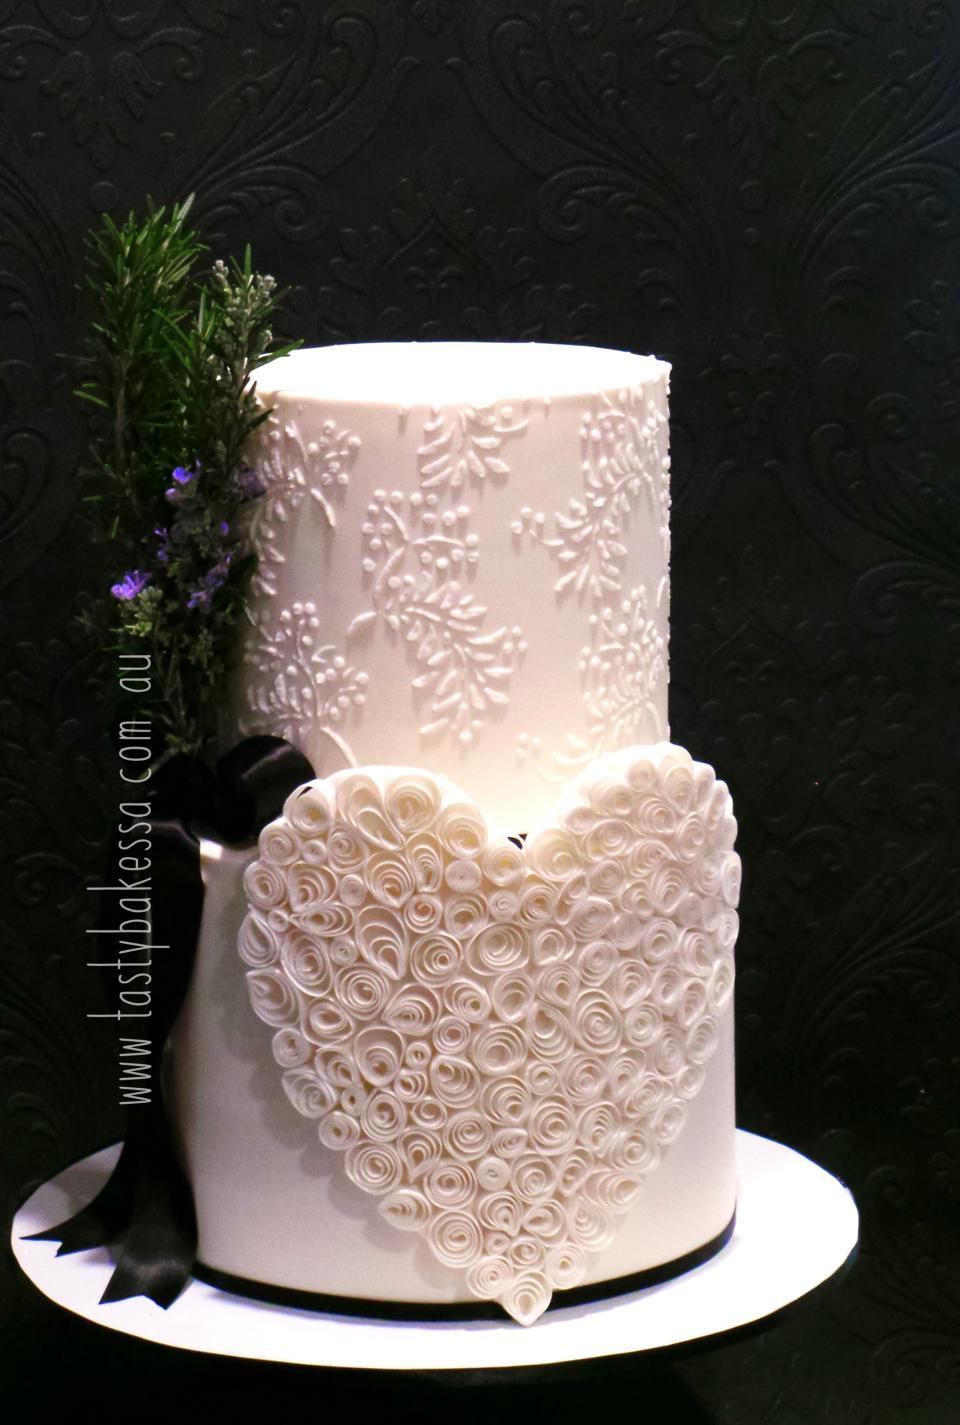 tastybakes and weddingcakes - adelaide